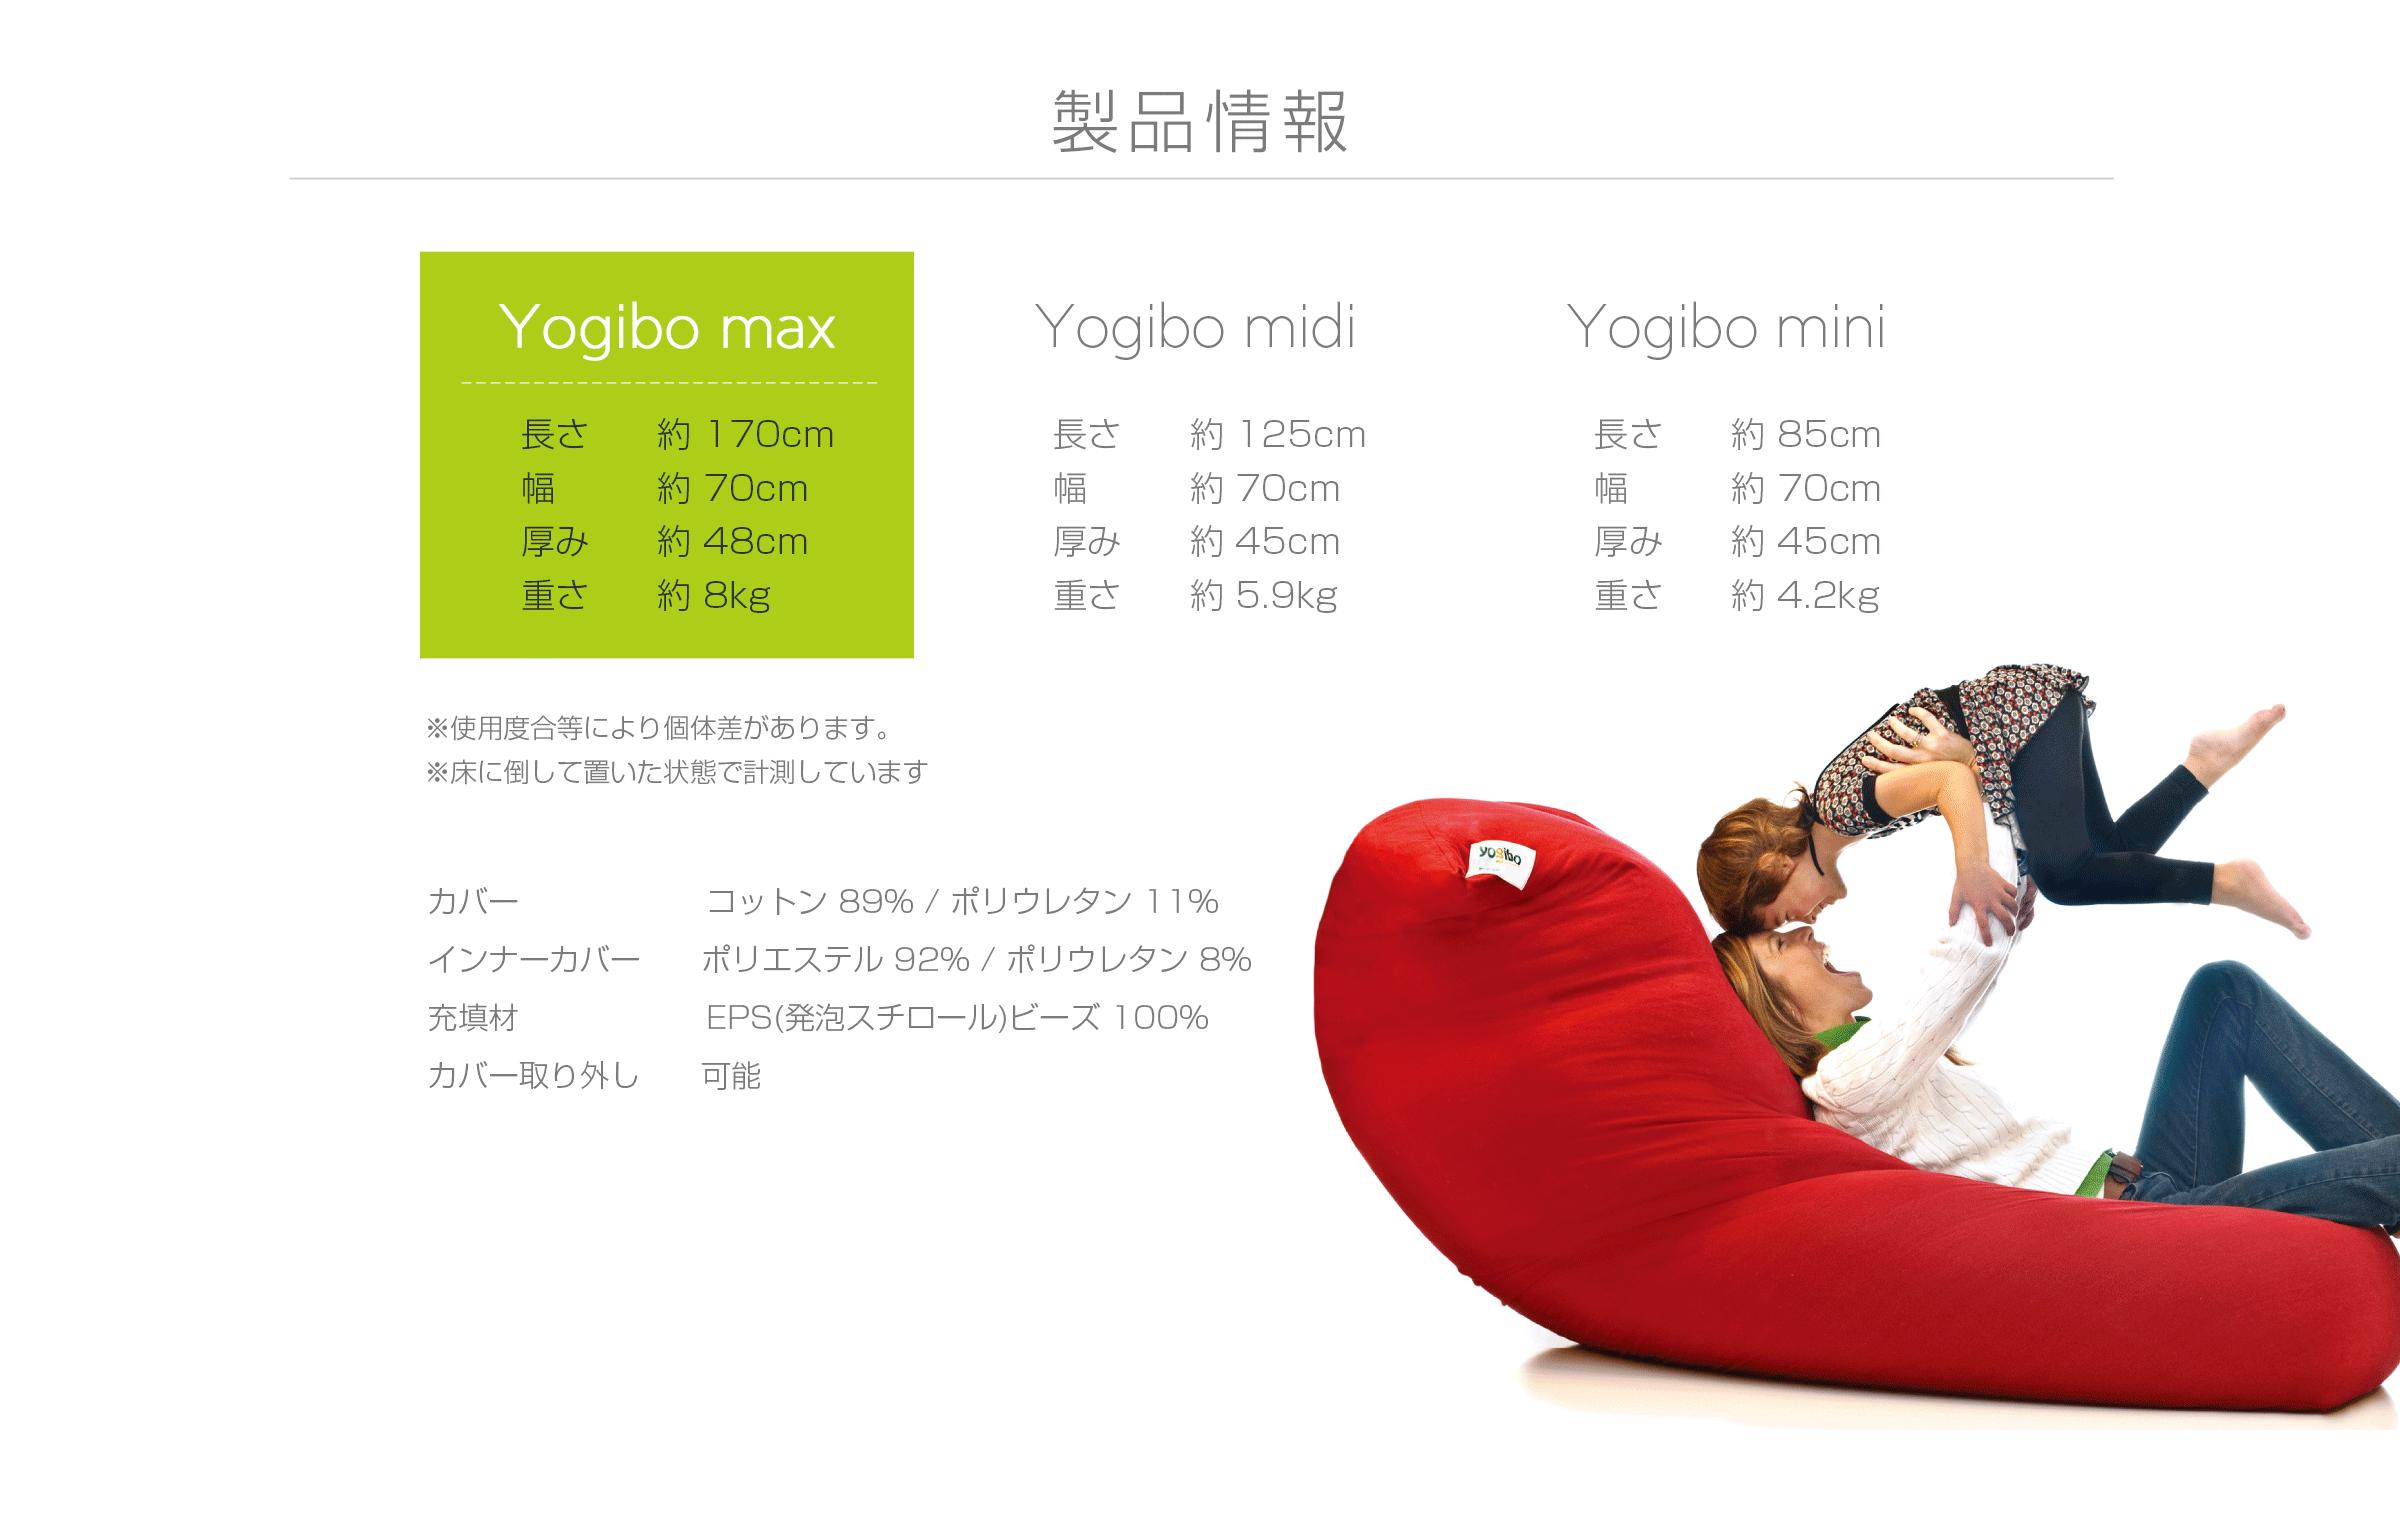 ビーズソファyogibo Maxの製品情報 Yogibo Max 長さ約170cm 幅約70cm 厚み約48cm 重さ約8kg 製品 重さ ビーズ